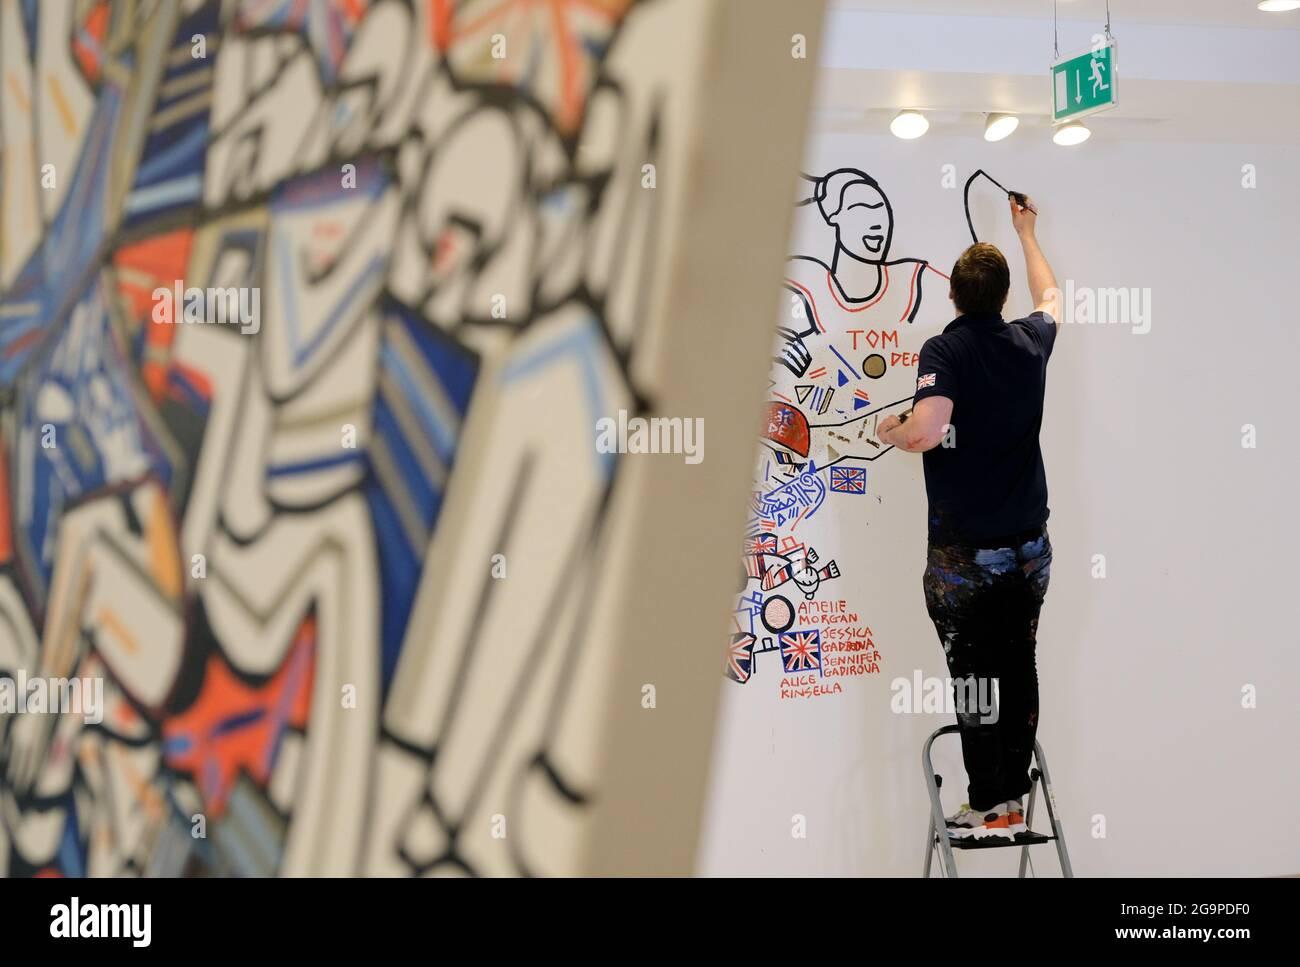 Carnaby Street, Londres, Reino Unido. 27th de julio de 2021. Ben Mosley Un artista oficial del equipo GB está pintando un mural del equipo GB en una tienda de Carnaby Street en Londres. Crédito: Matthew Chattle/Alamy Live News Foto de stock